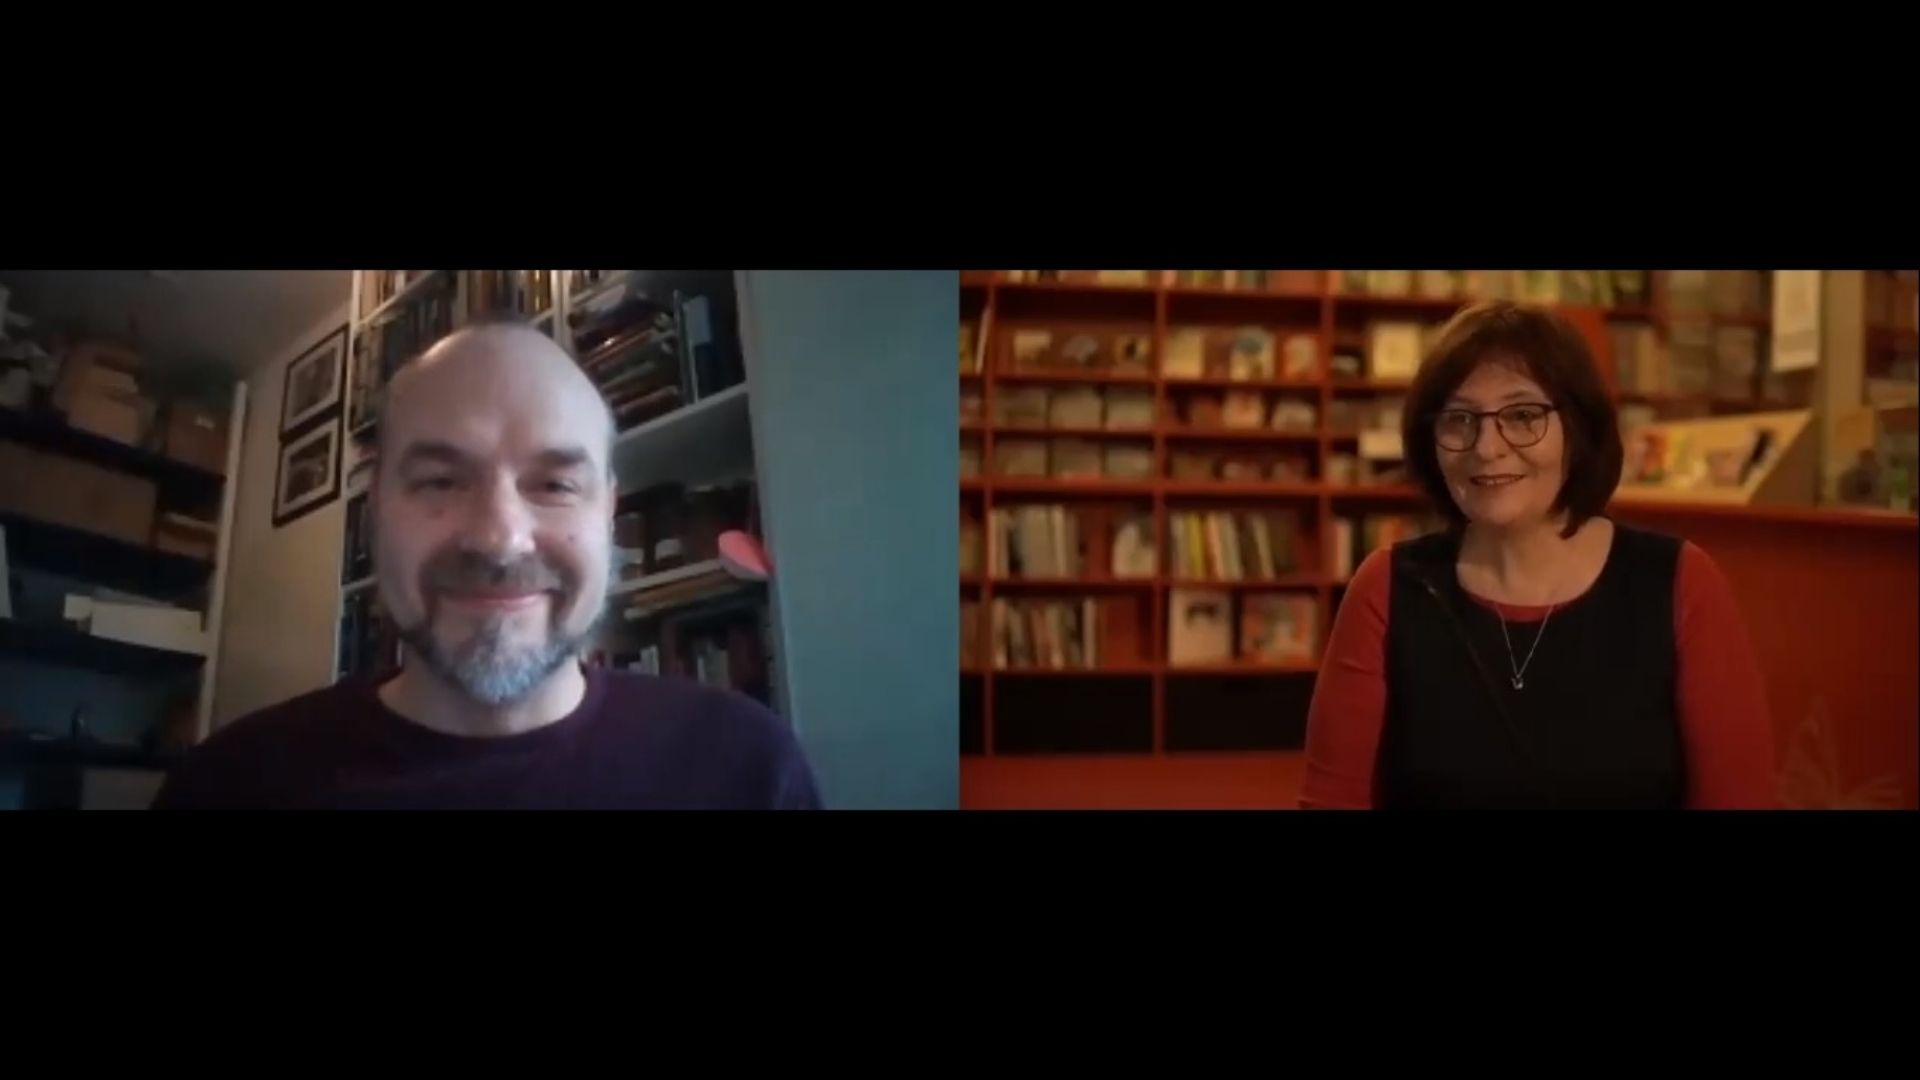 Filmska srečanja: posnetek pogovora ob filmu Medena dežela